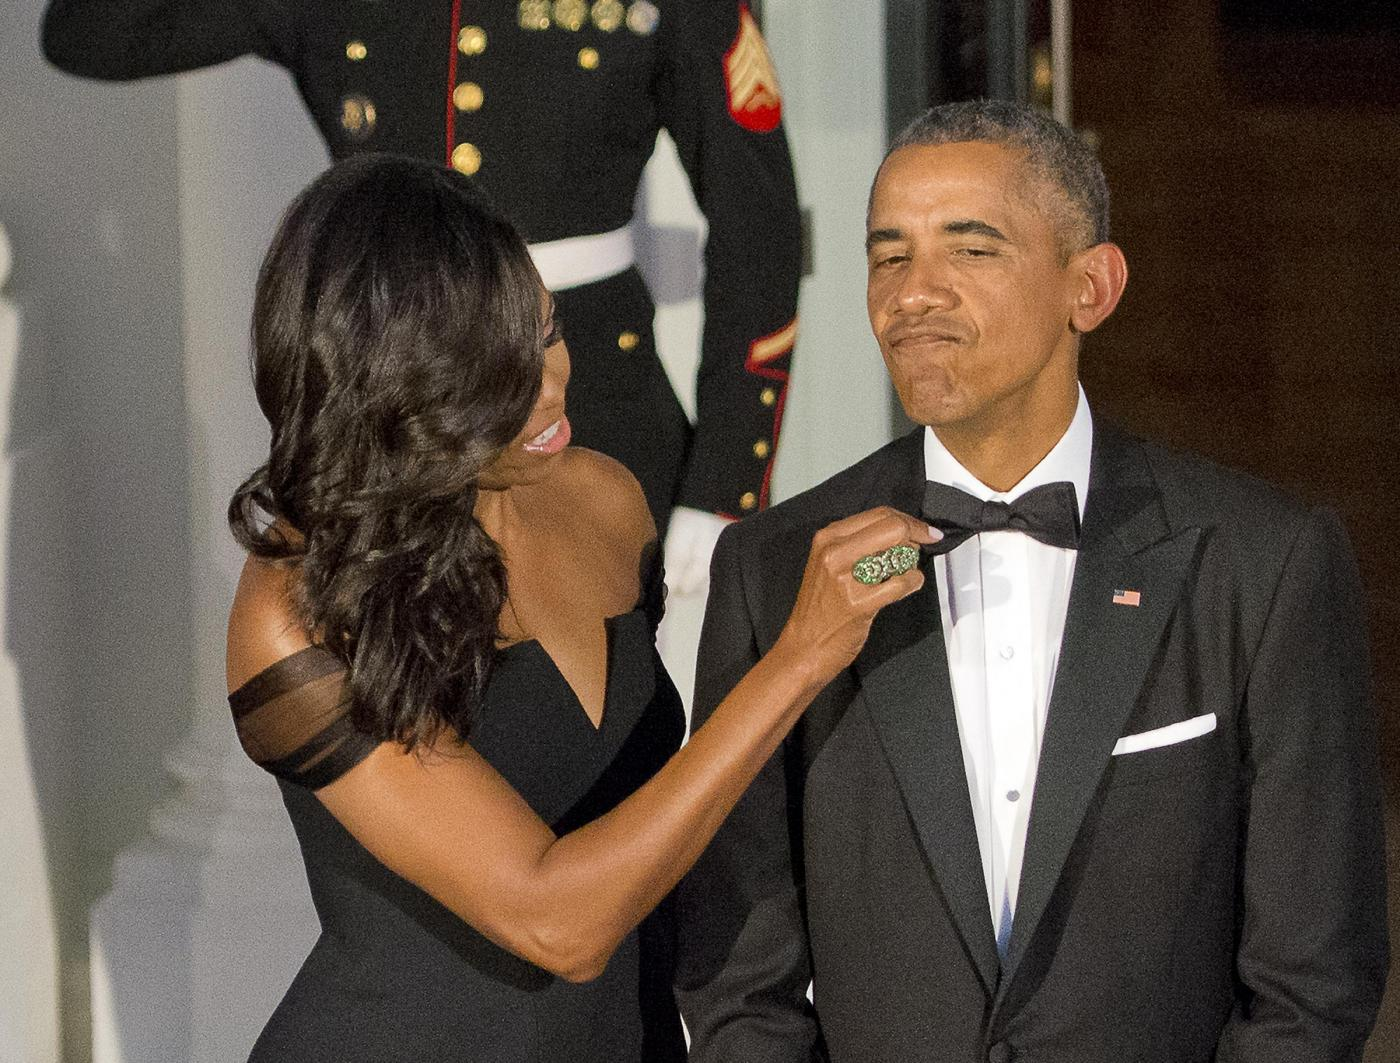 Barack Obama e la dedica a Michelle per il compleanno: 'Ti amo, ragazza'